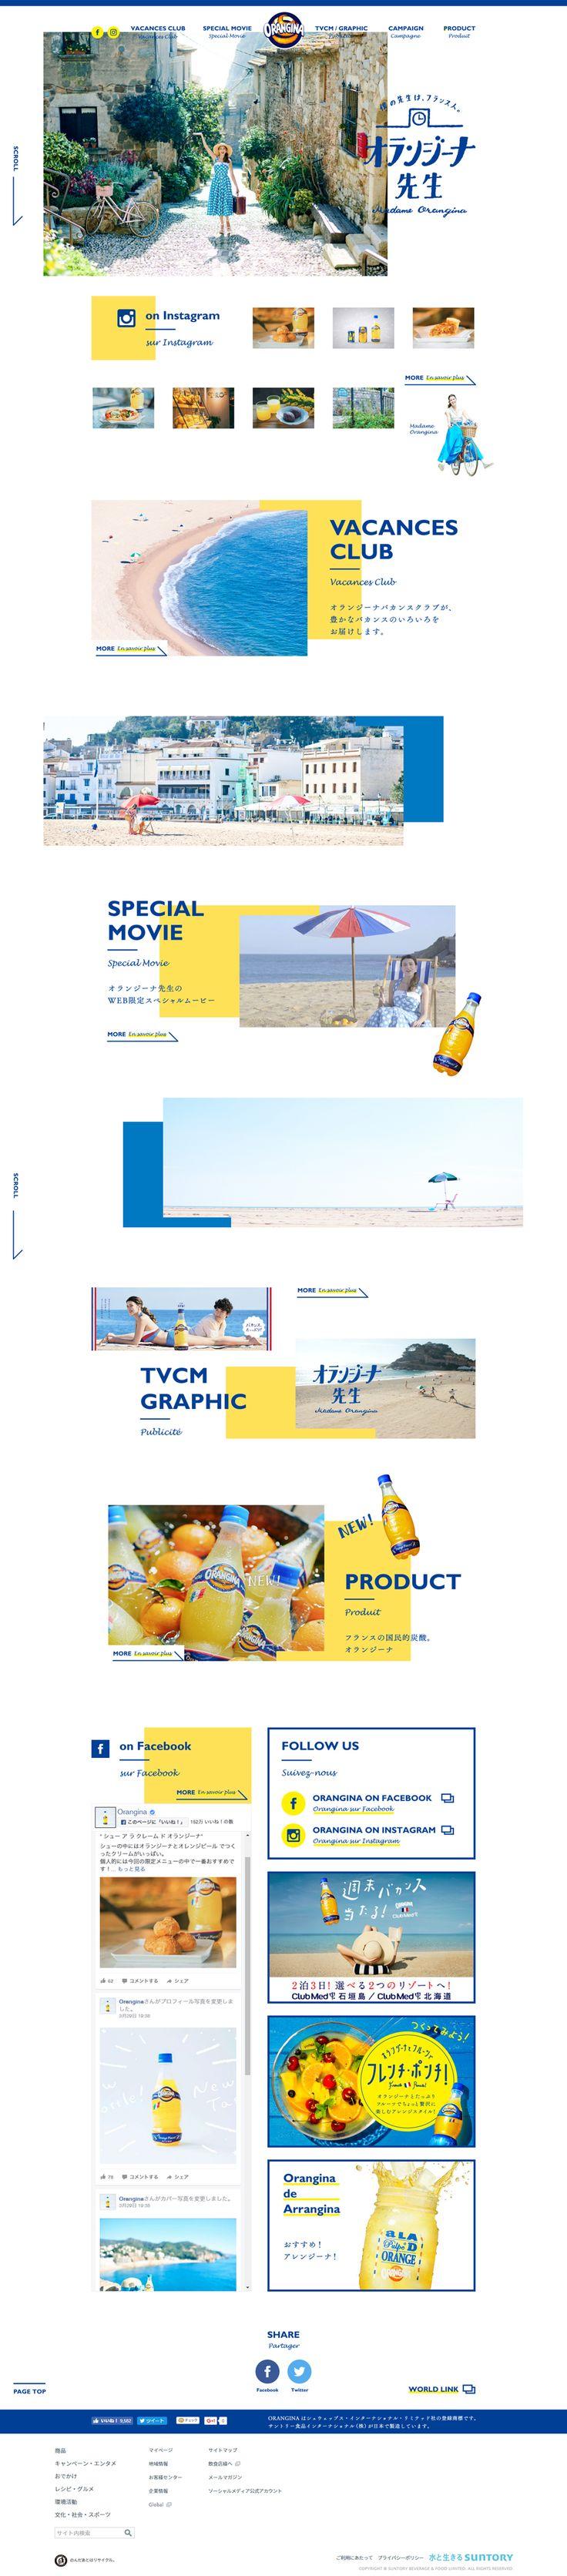 フランスの国民的炭酸 オランジーナ【飲料・お酒関連】のLPデザイン。WEBデザイナーさん必見!ランディングページのデザイン参考に(かわいい系)